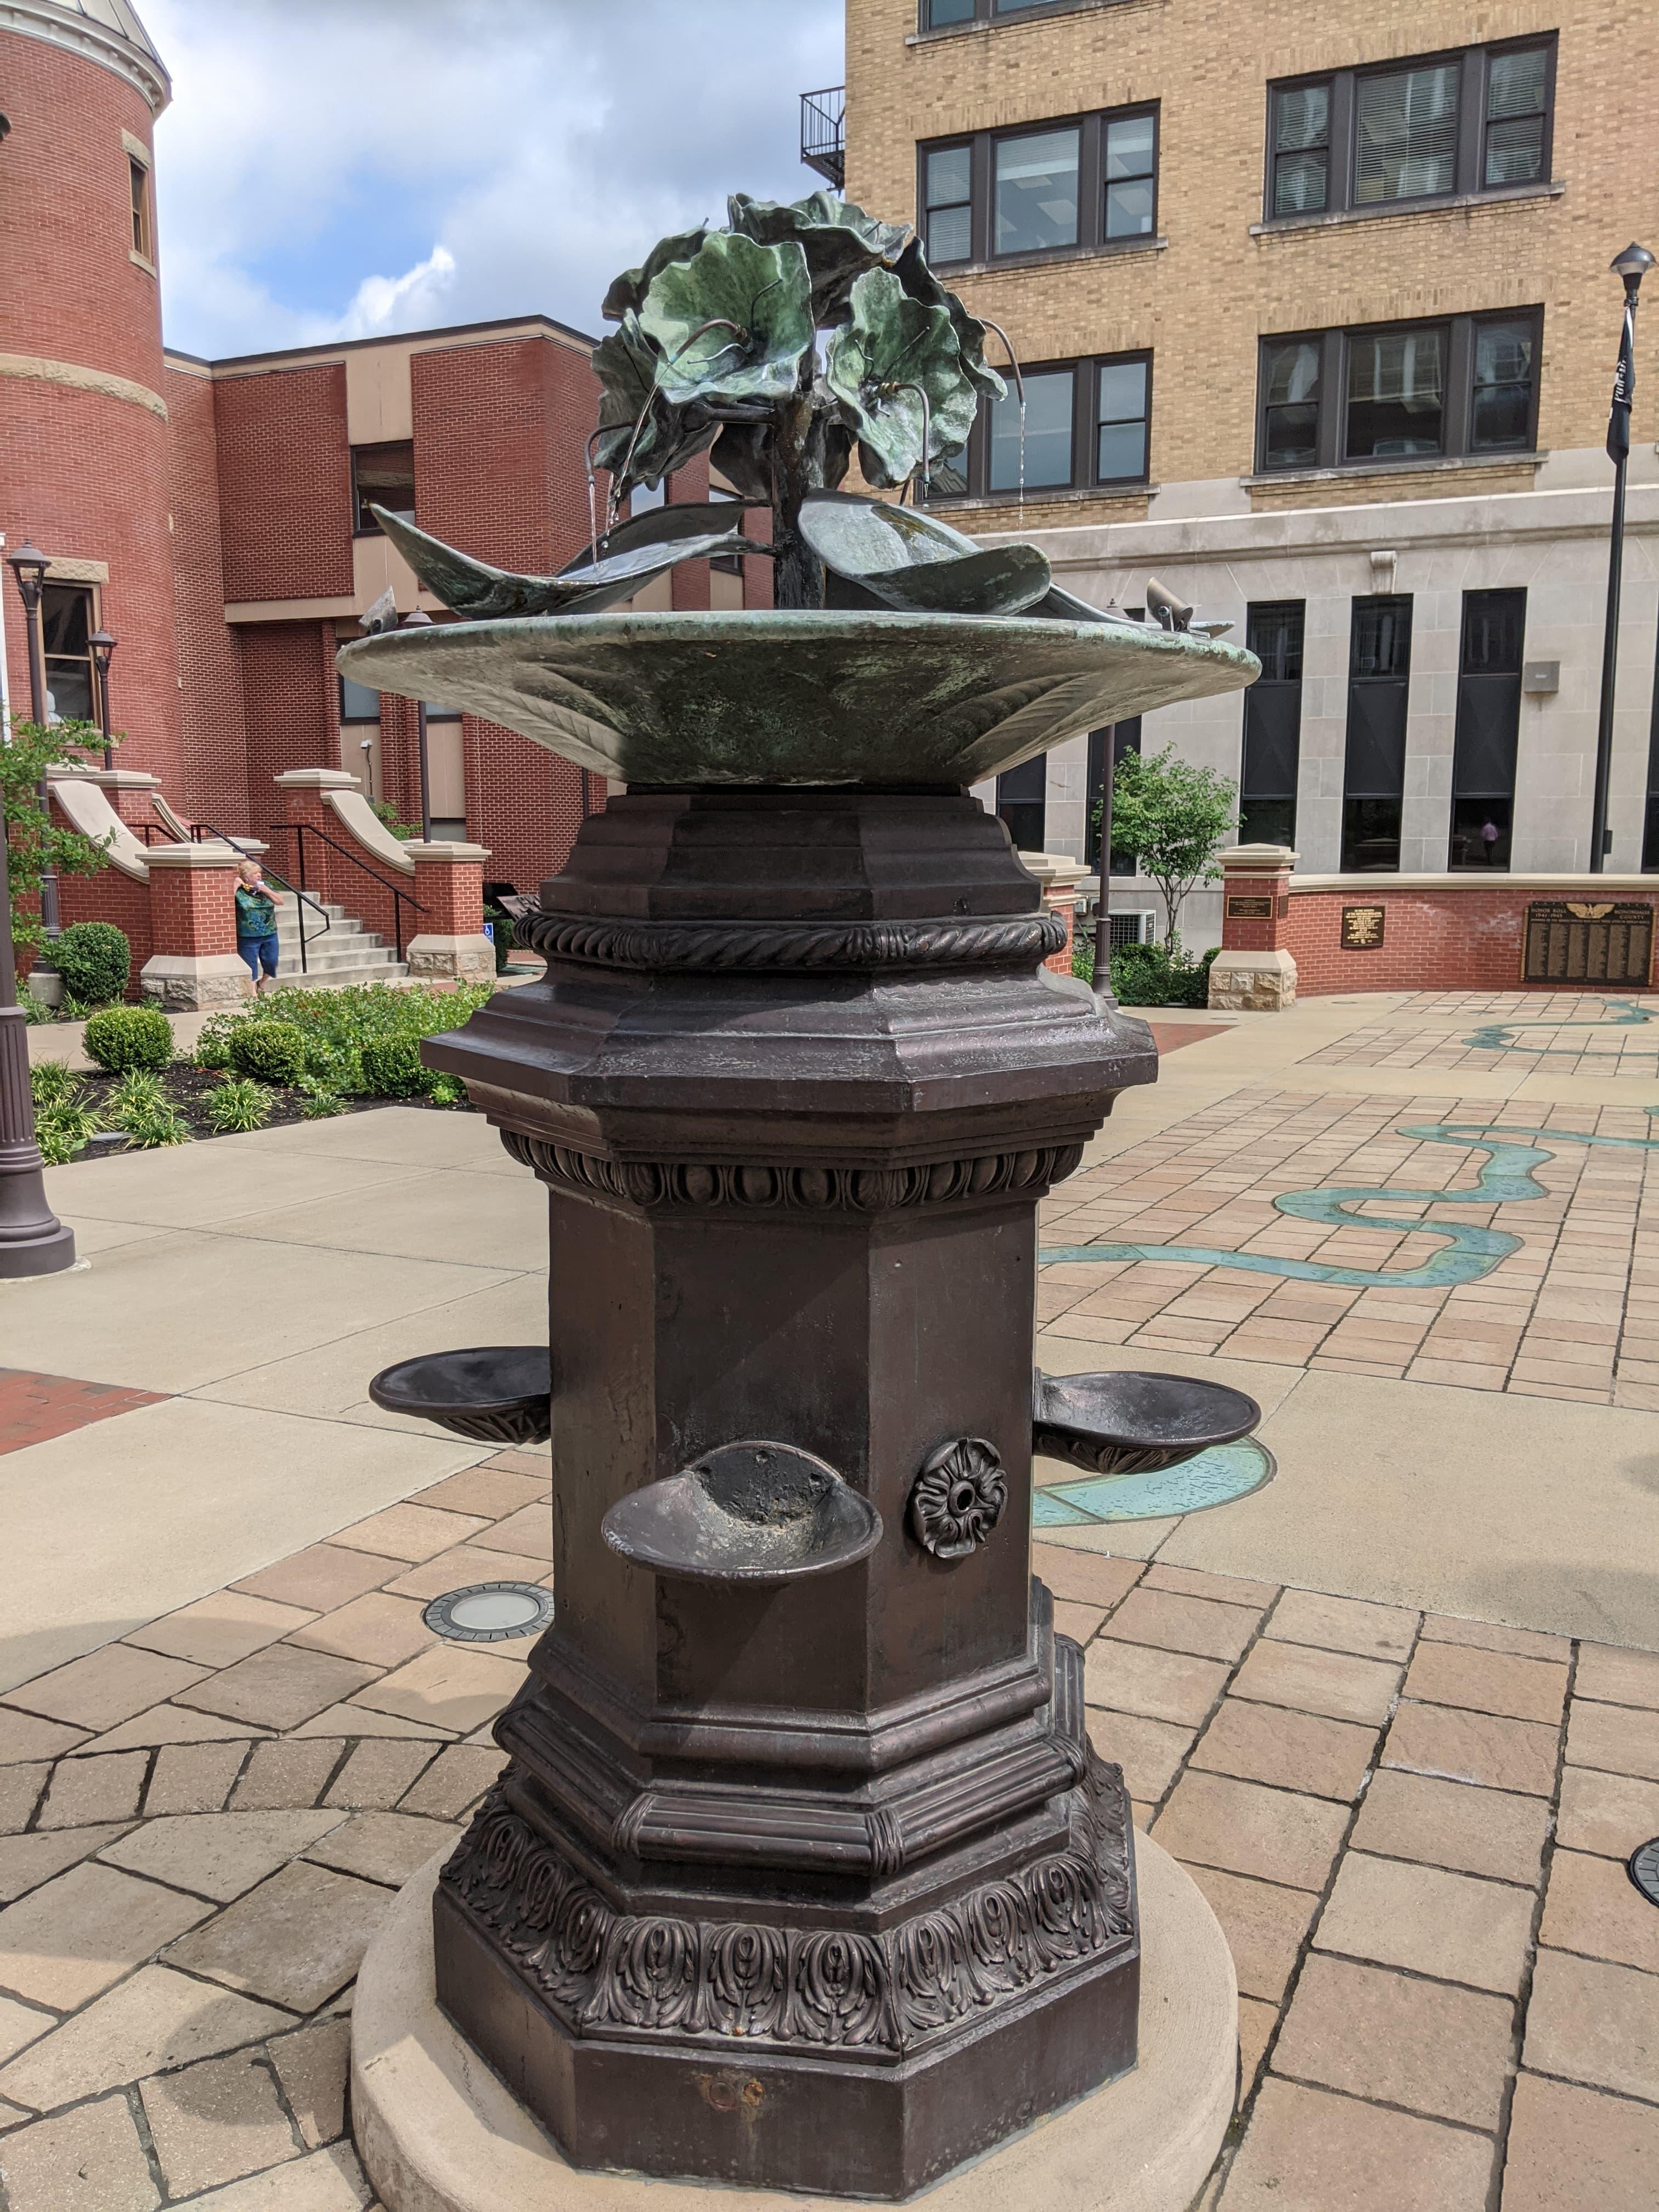 Restored fountain in the plaza